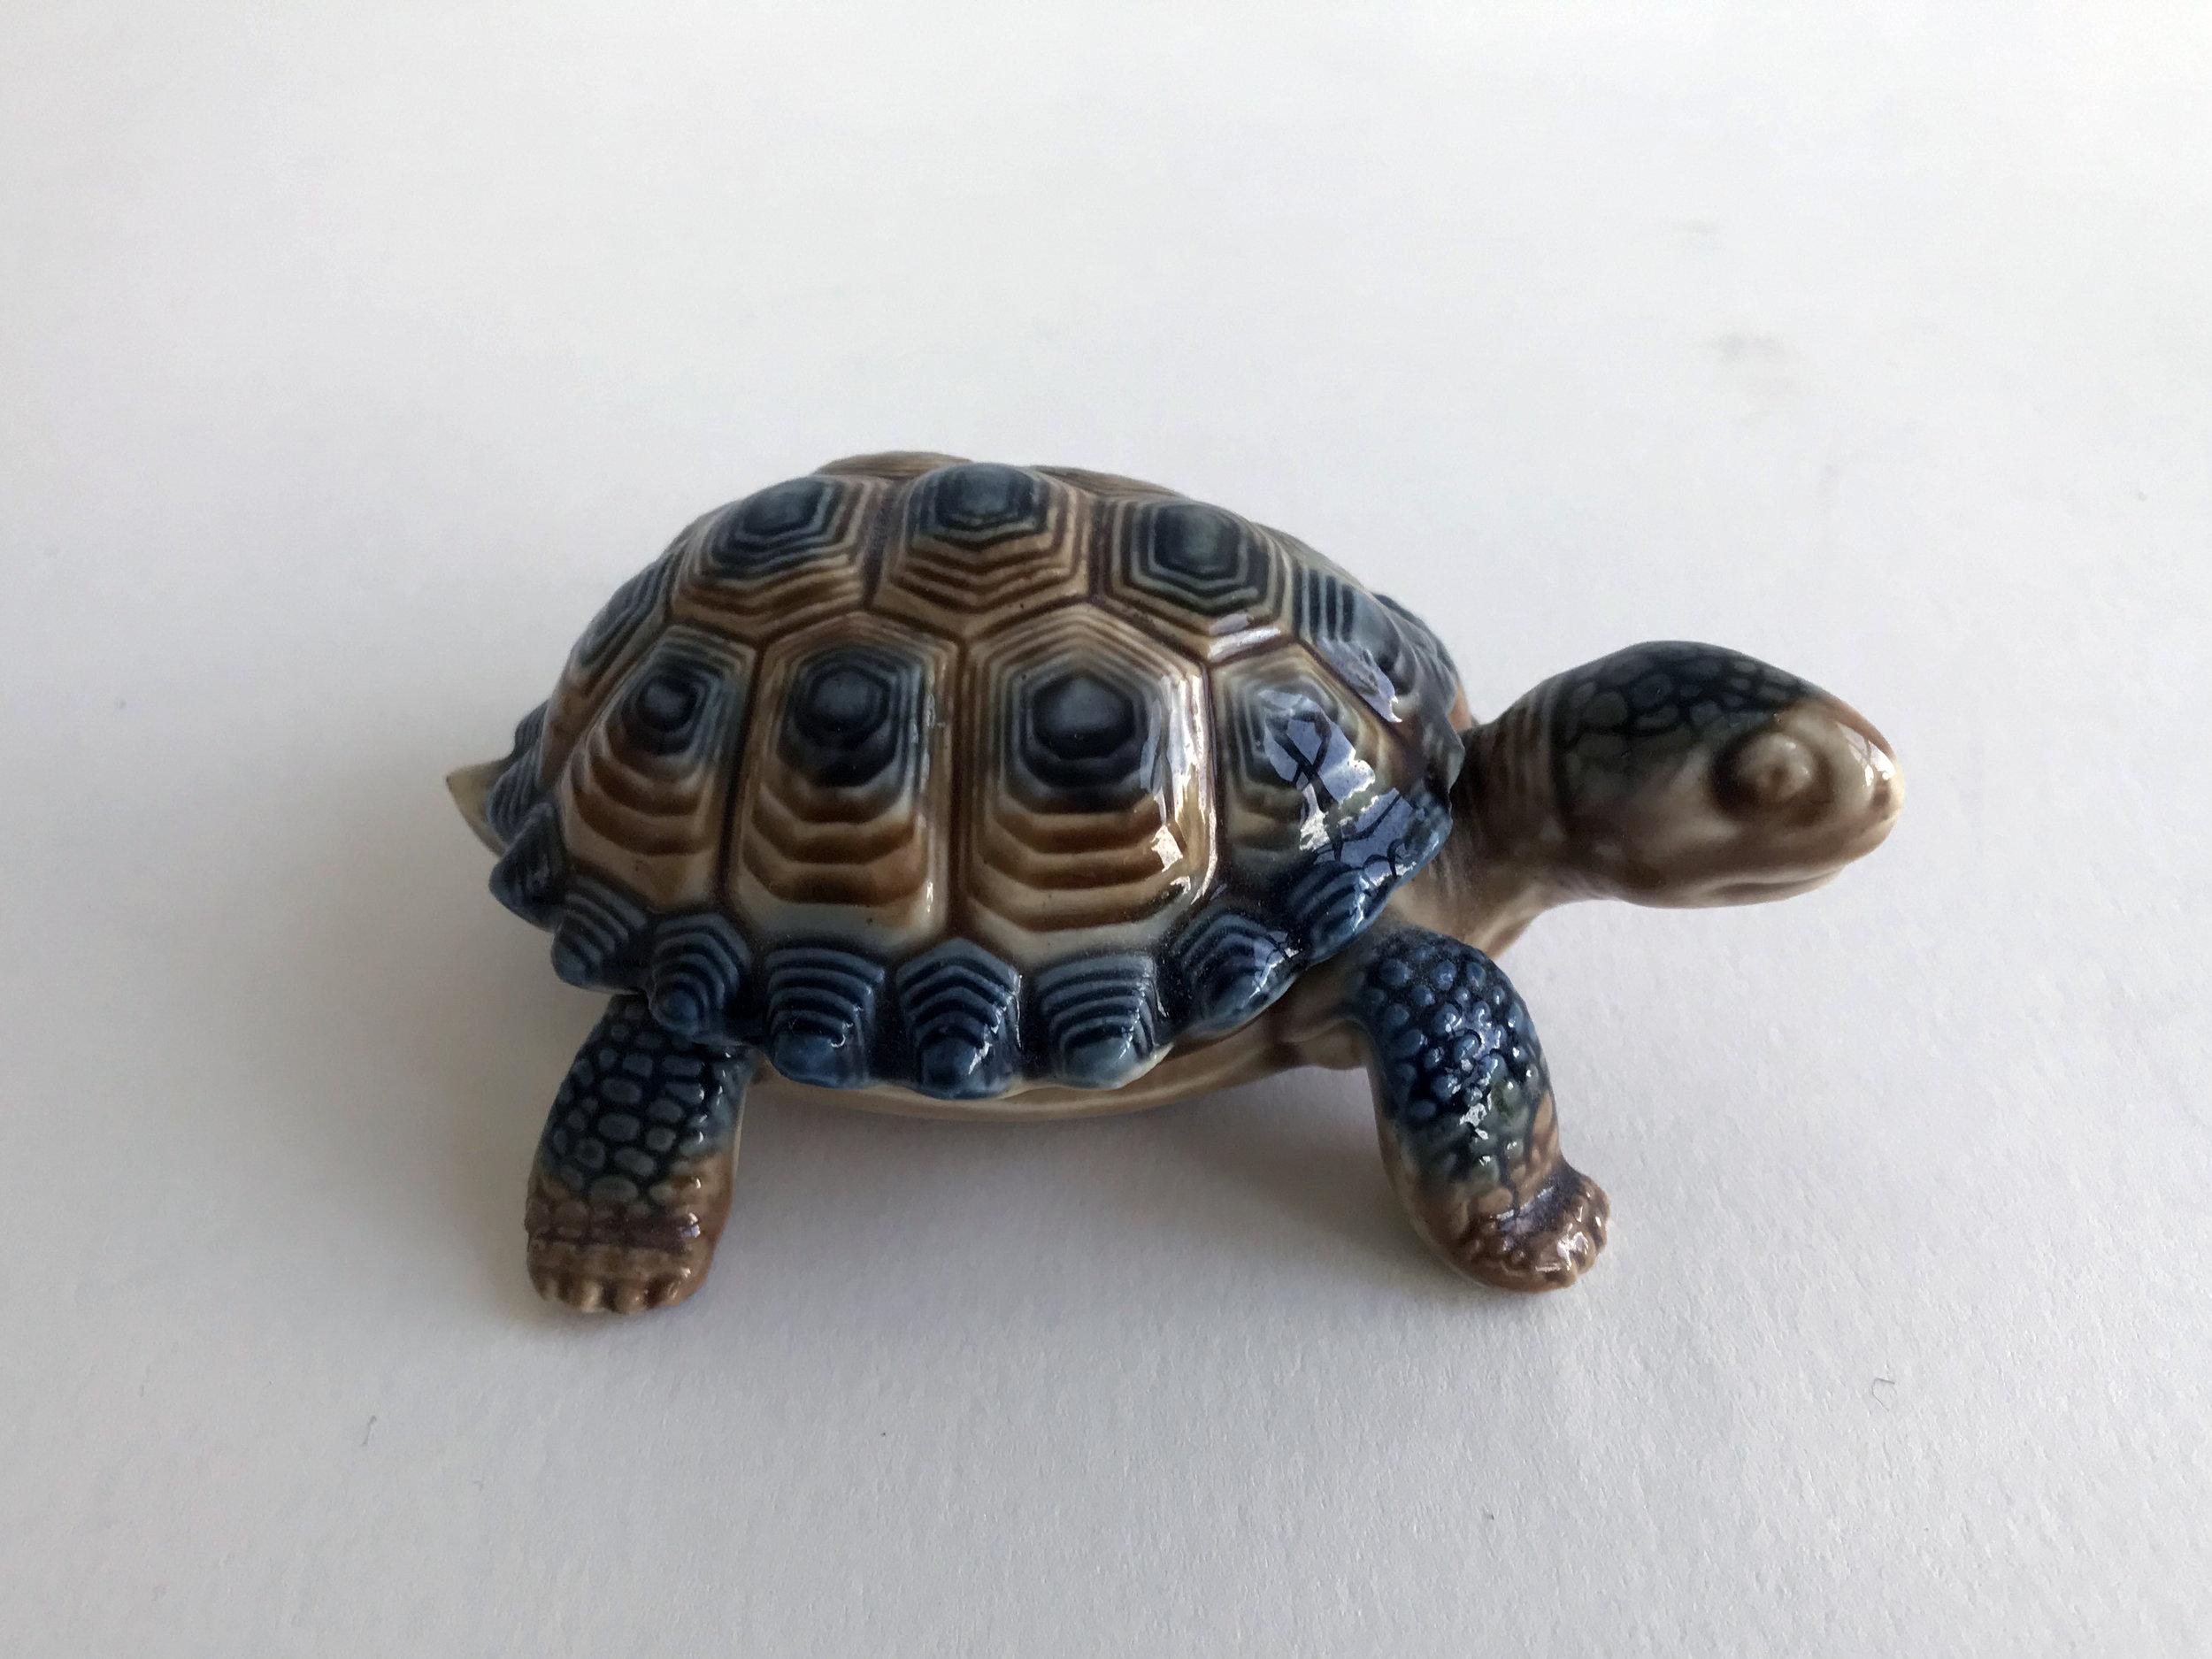 1 turtle.jpg